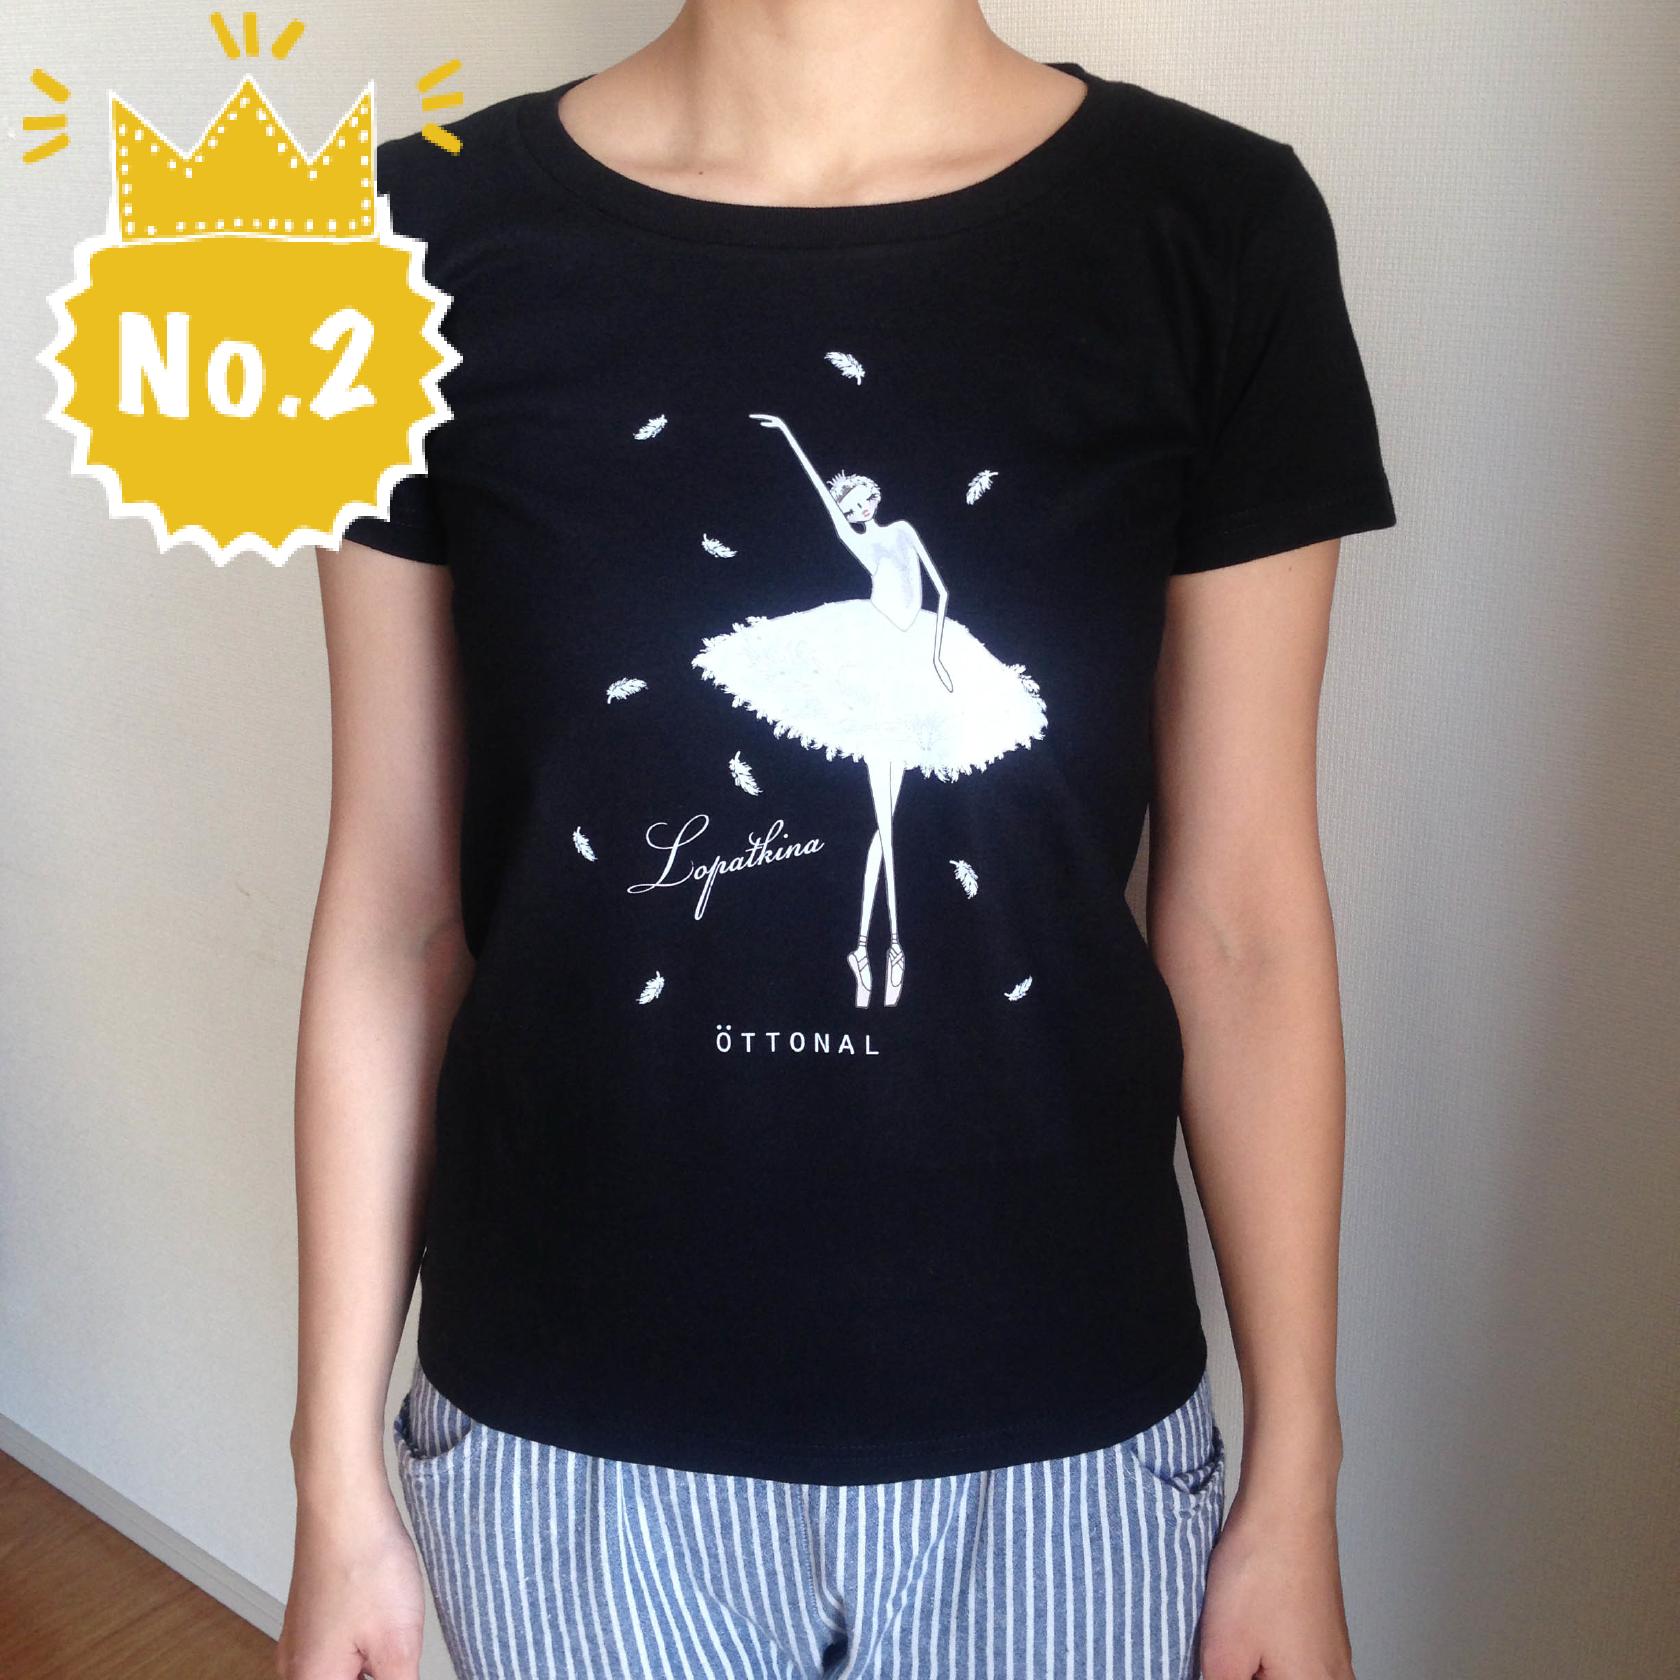 (即日発送・S/L完売)★ロパートキナコラボ★ 瀕死の白鳥Tシャツ(レディース) - 画像1